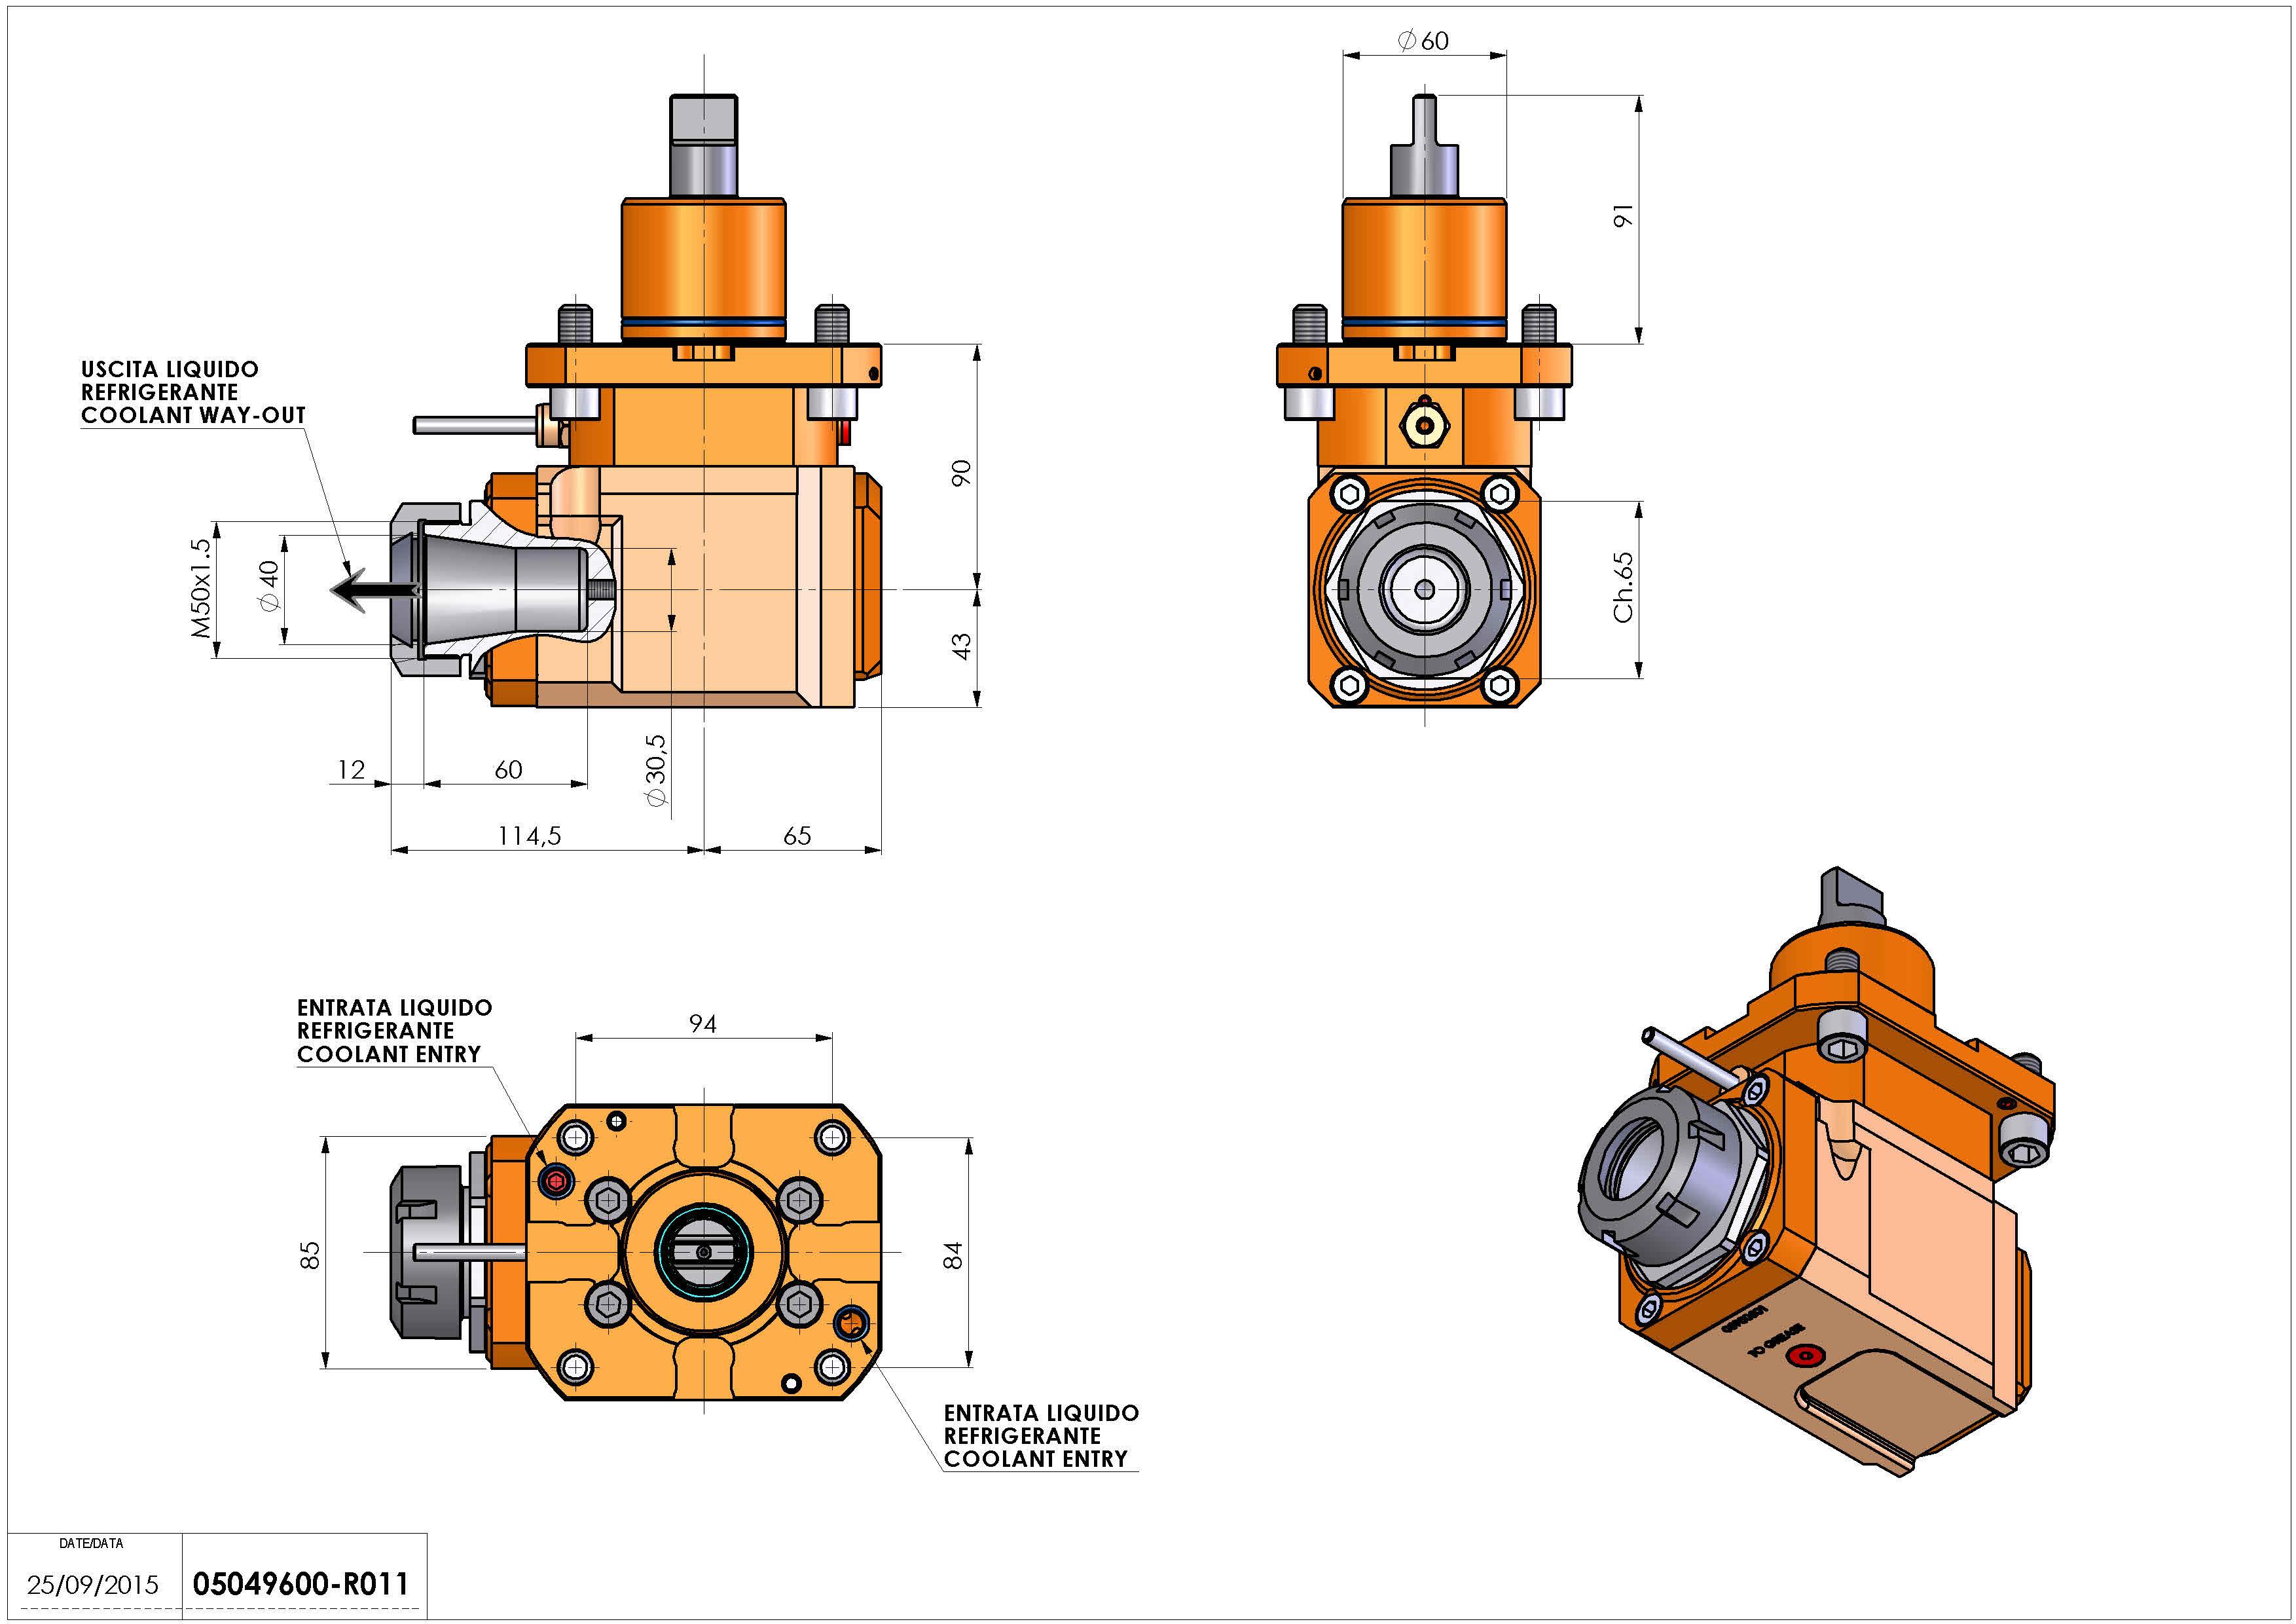 Technical image - LT-A D60 ER40 L-R 2:1 H90.